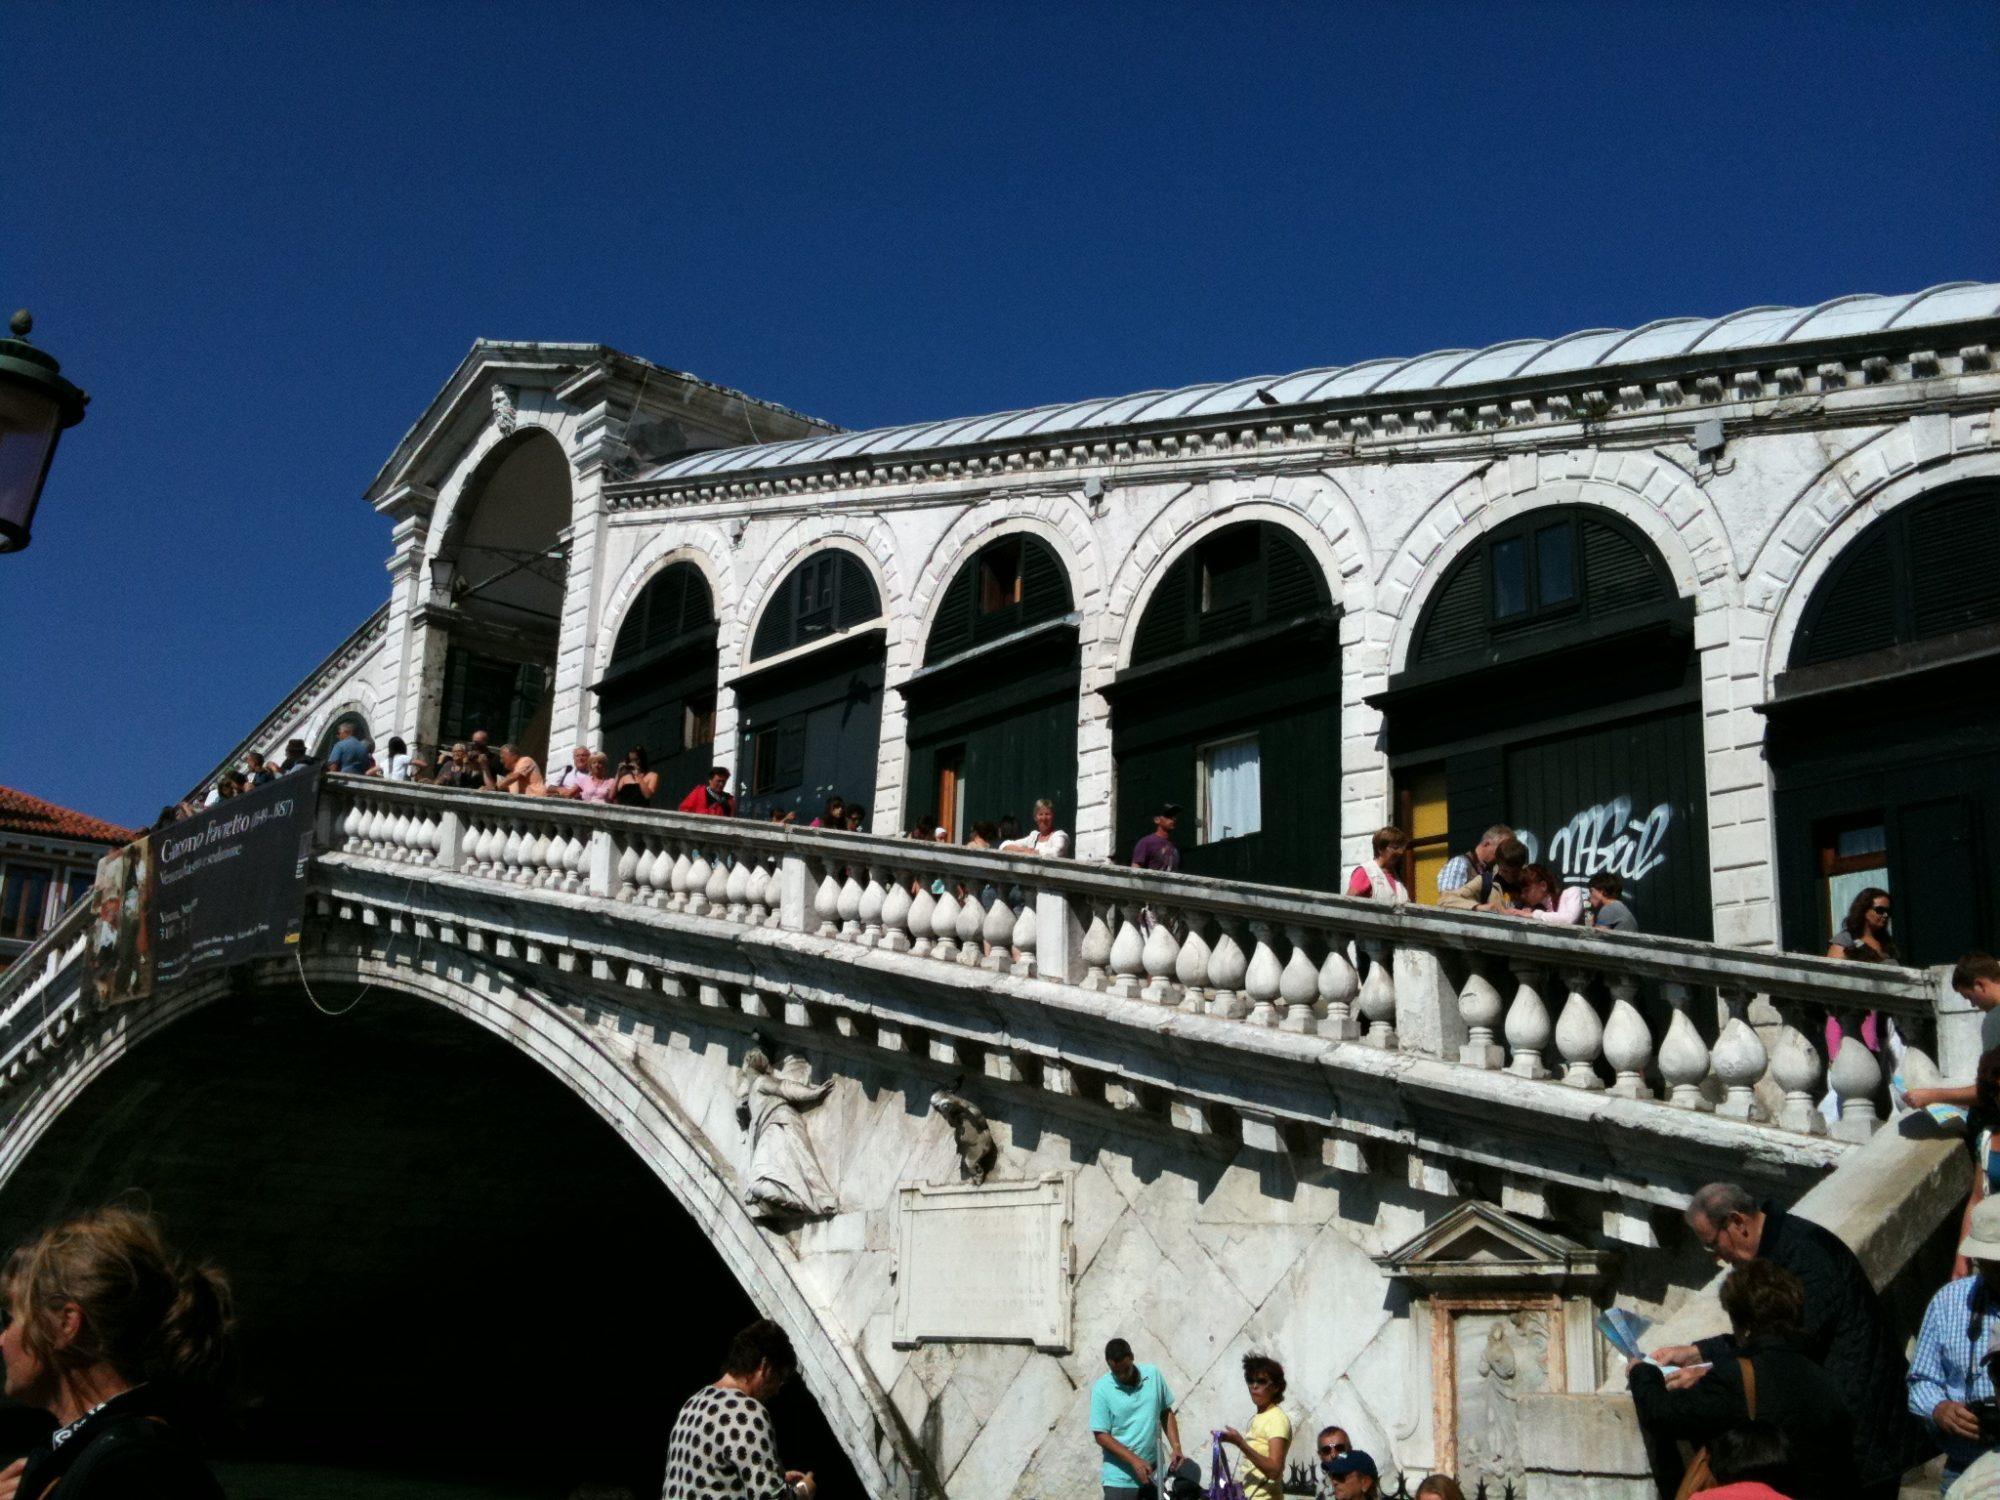 義大利預訂旅行前您需要了解的內容